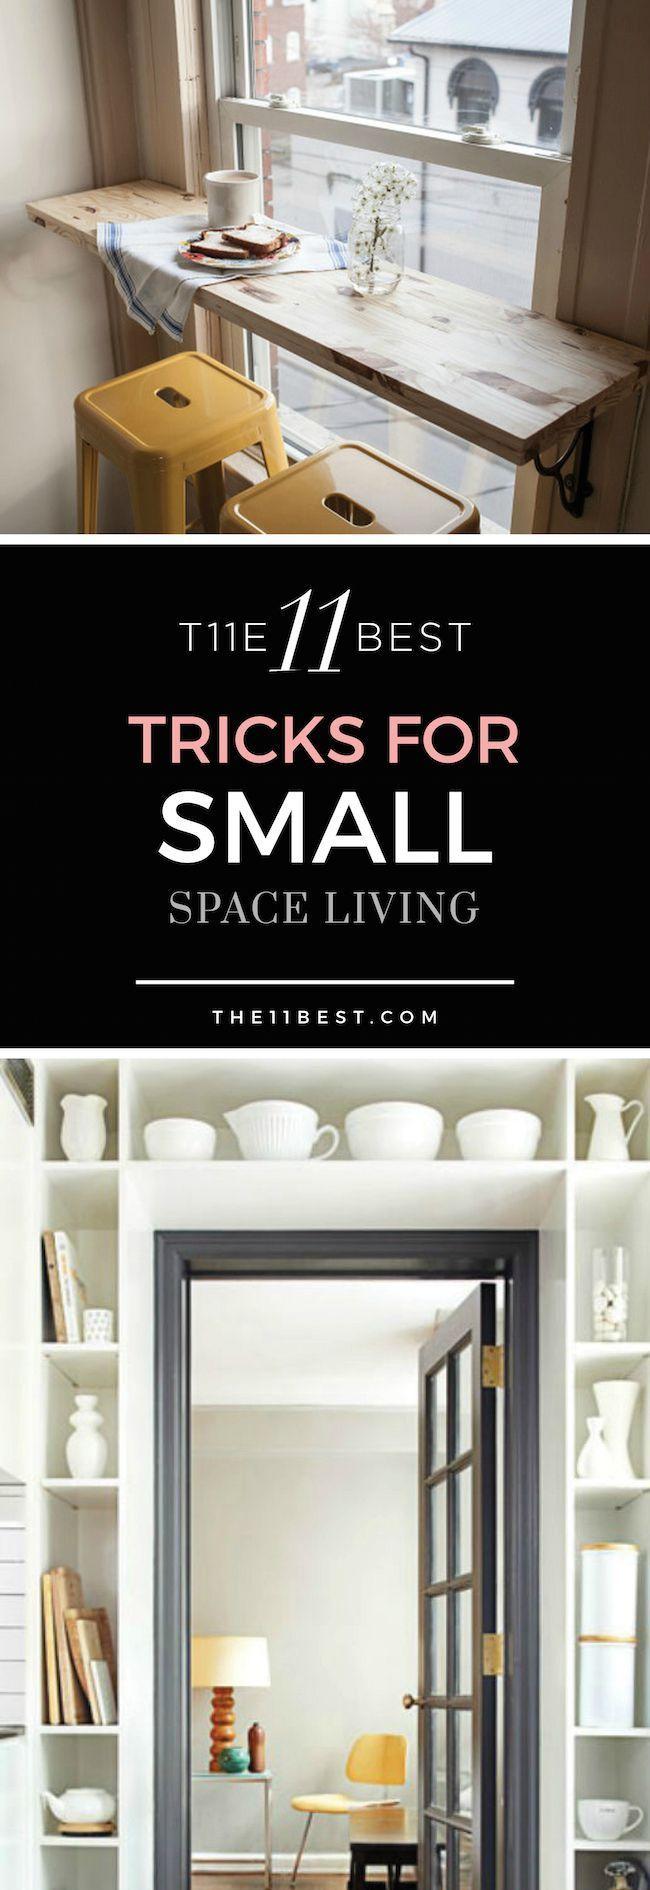 Sensationelle Innenarchitektur Für Kleine Wohnzimmer #tinylivingideas